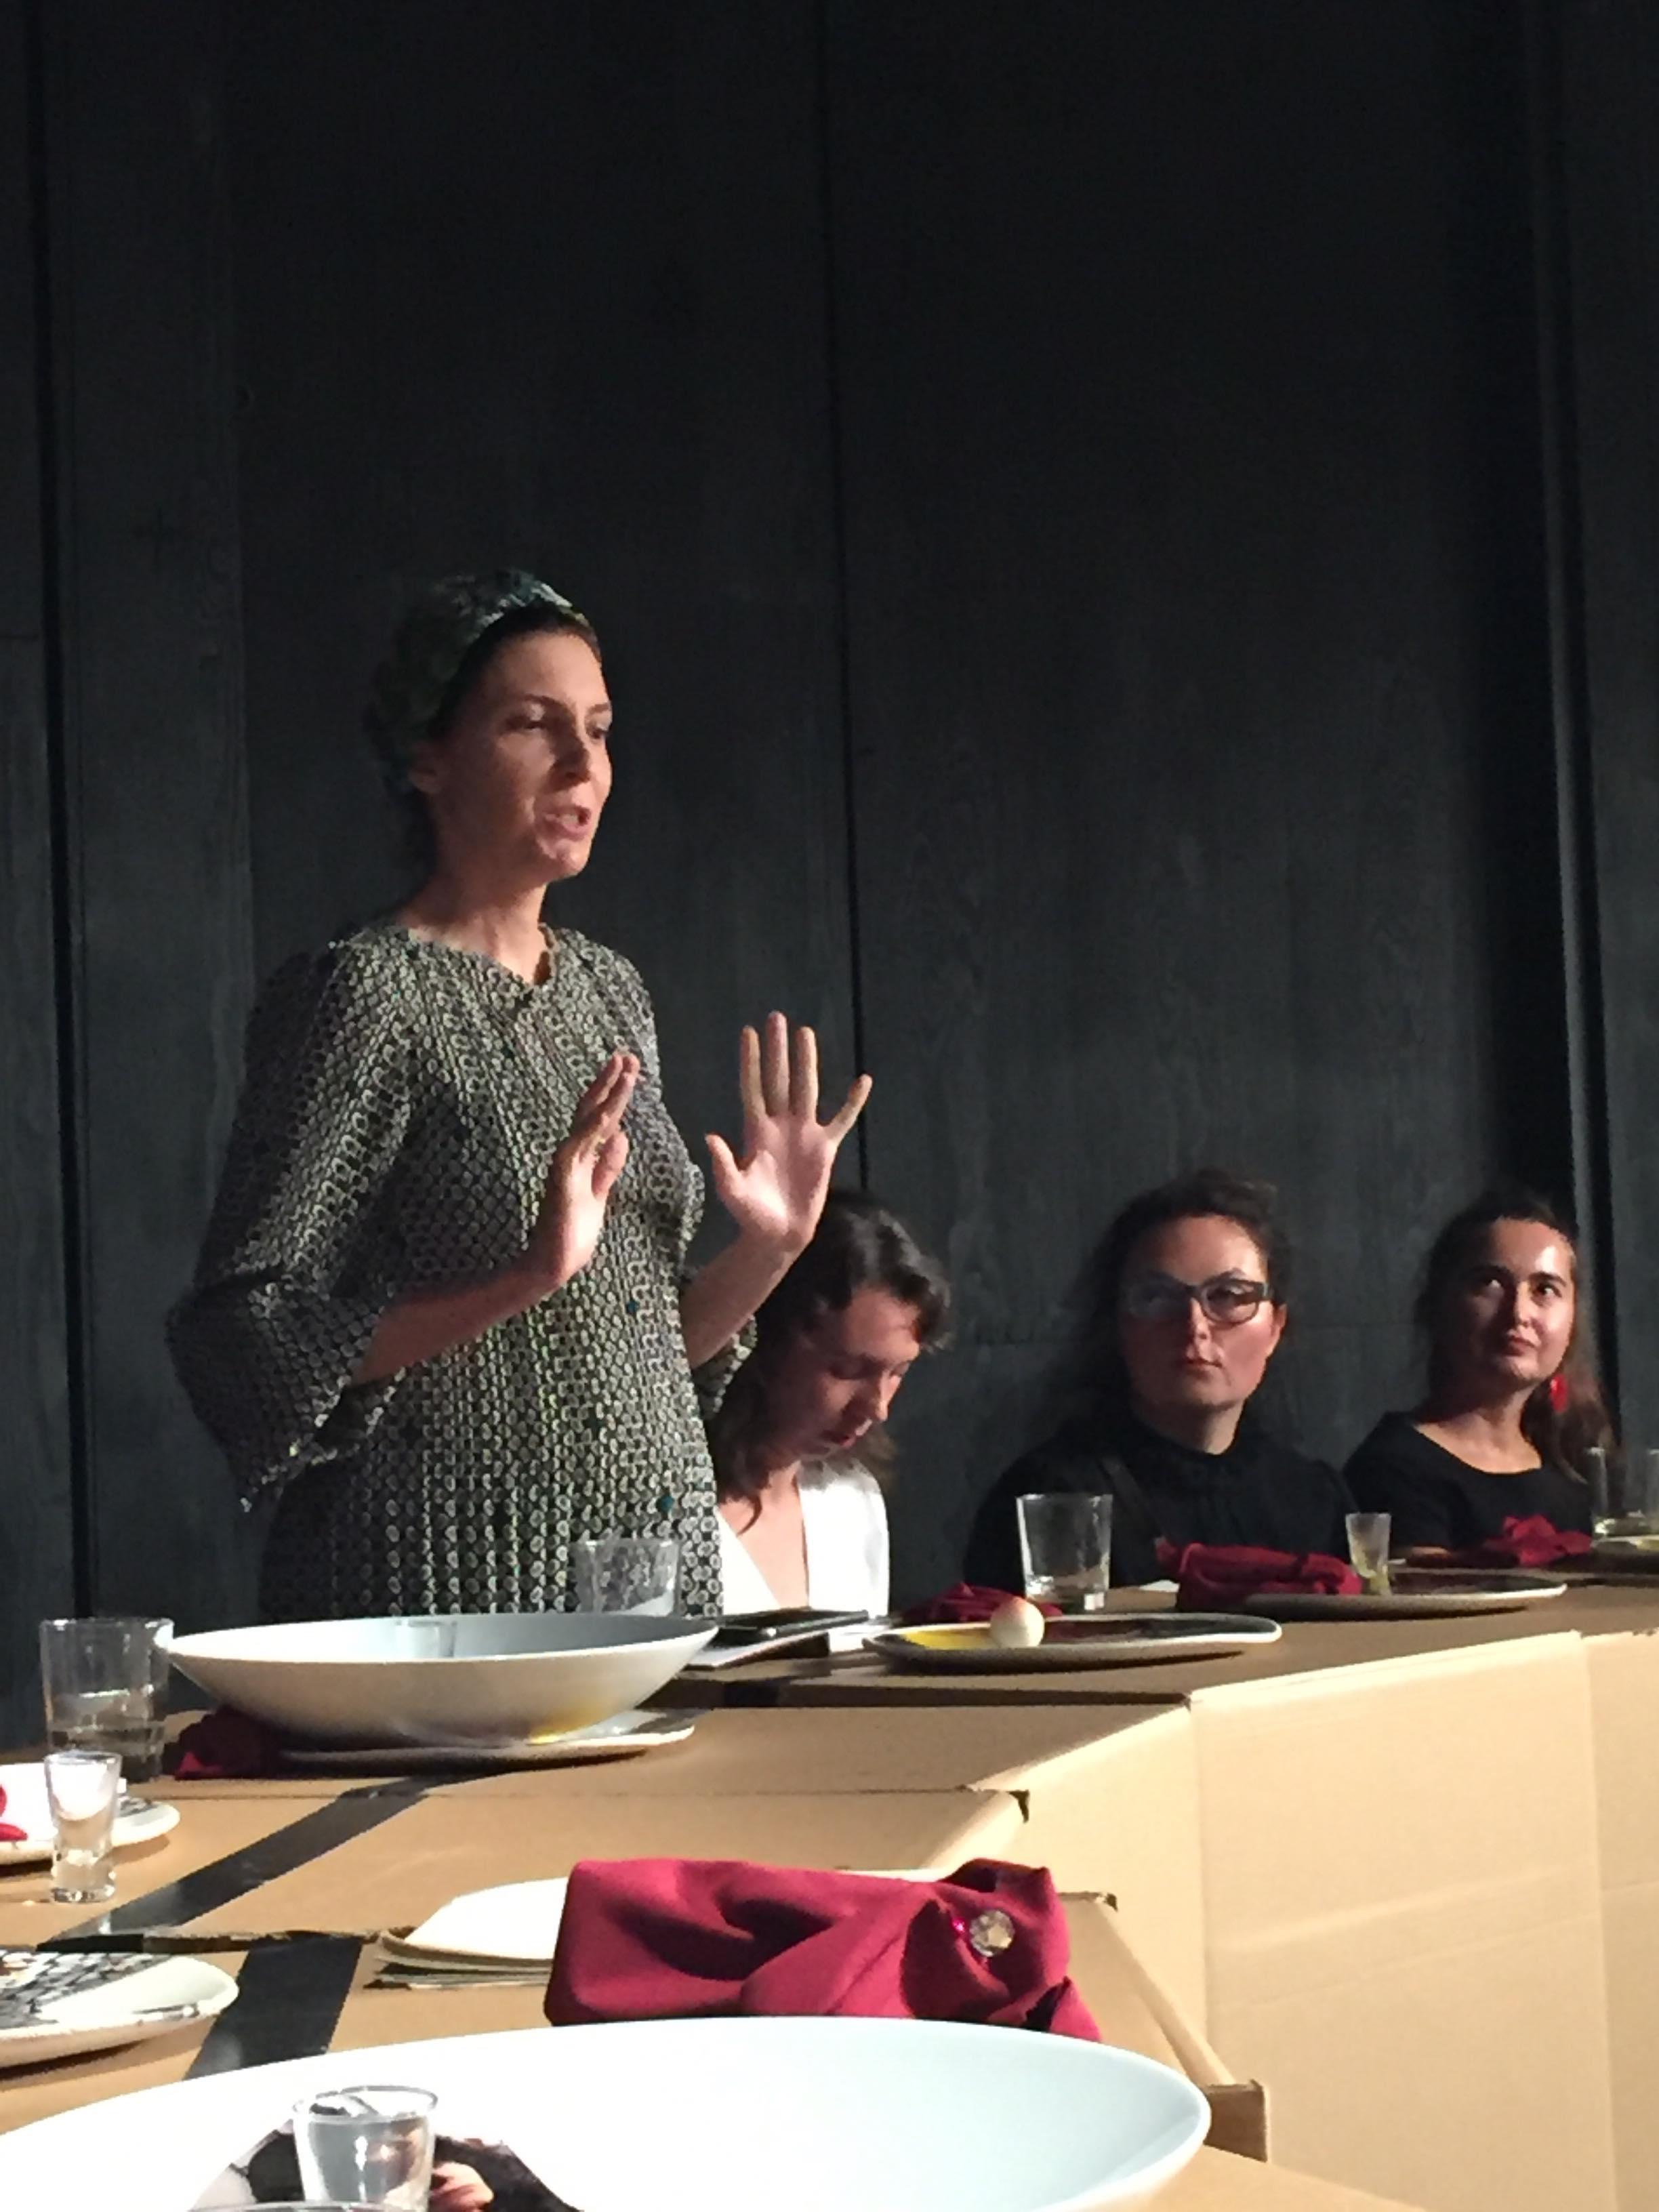 Pola Dwurnik podczas performensu Anny Baumgart, Sprawa kobieca w Polsce, Łódź 2018, Teatr Nowy, Festiwal Łódź Czterech Kultur, premiera 8 września 2018